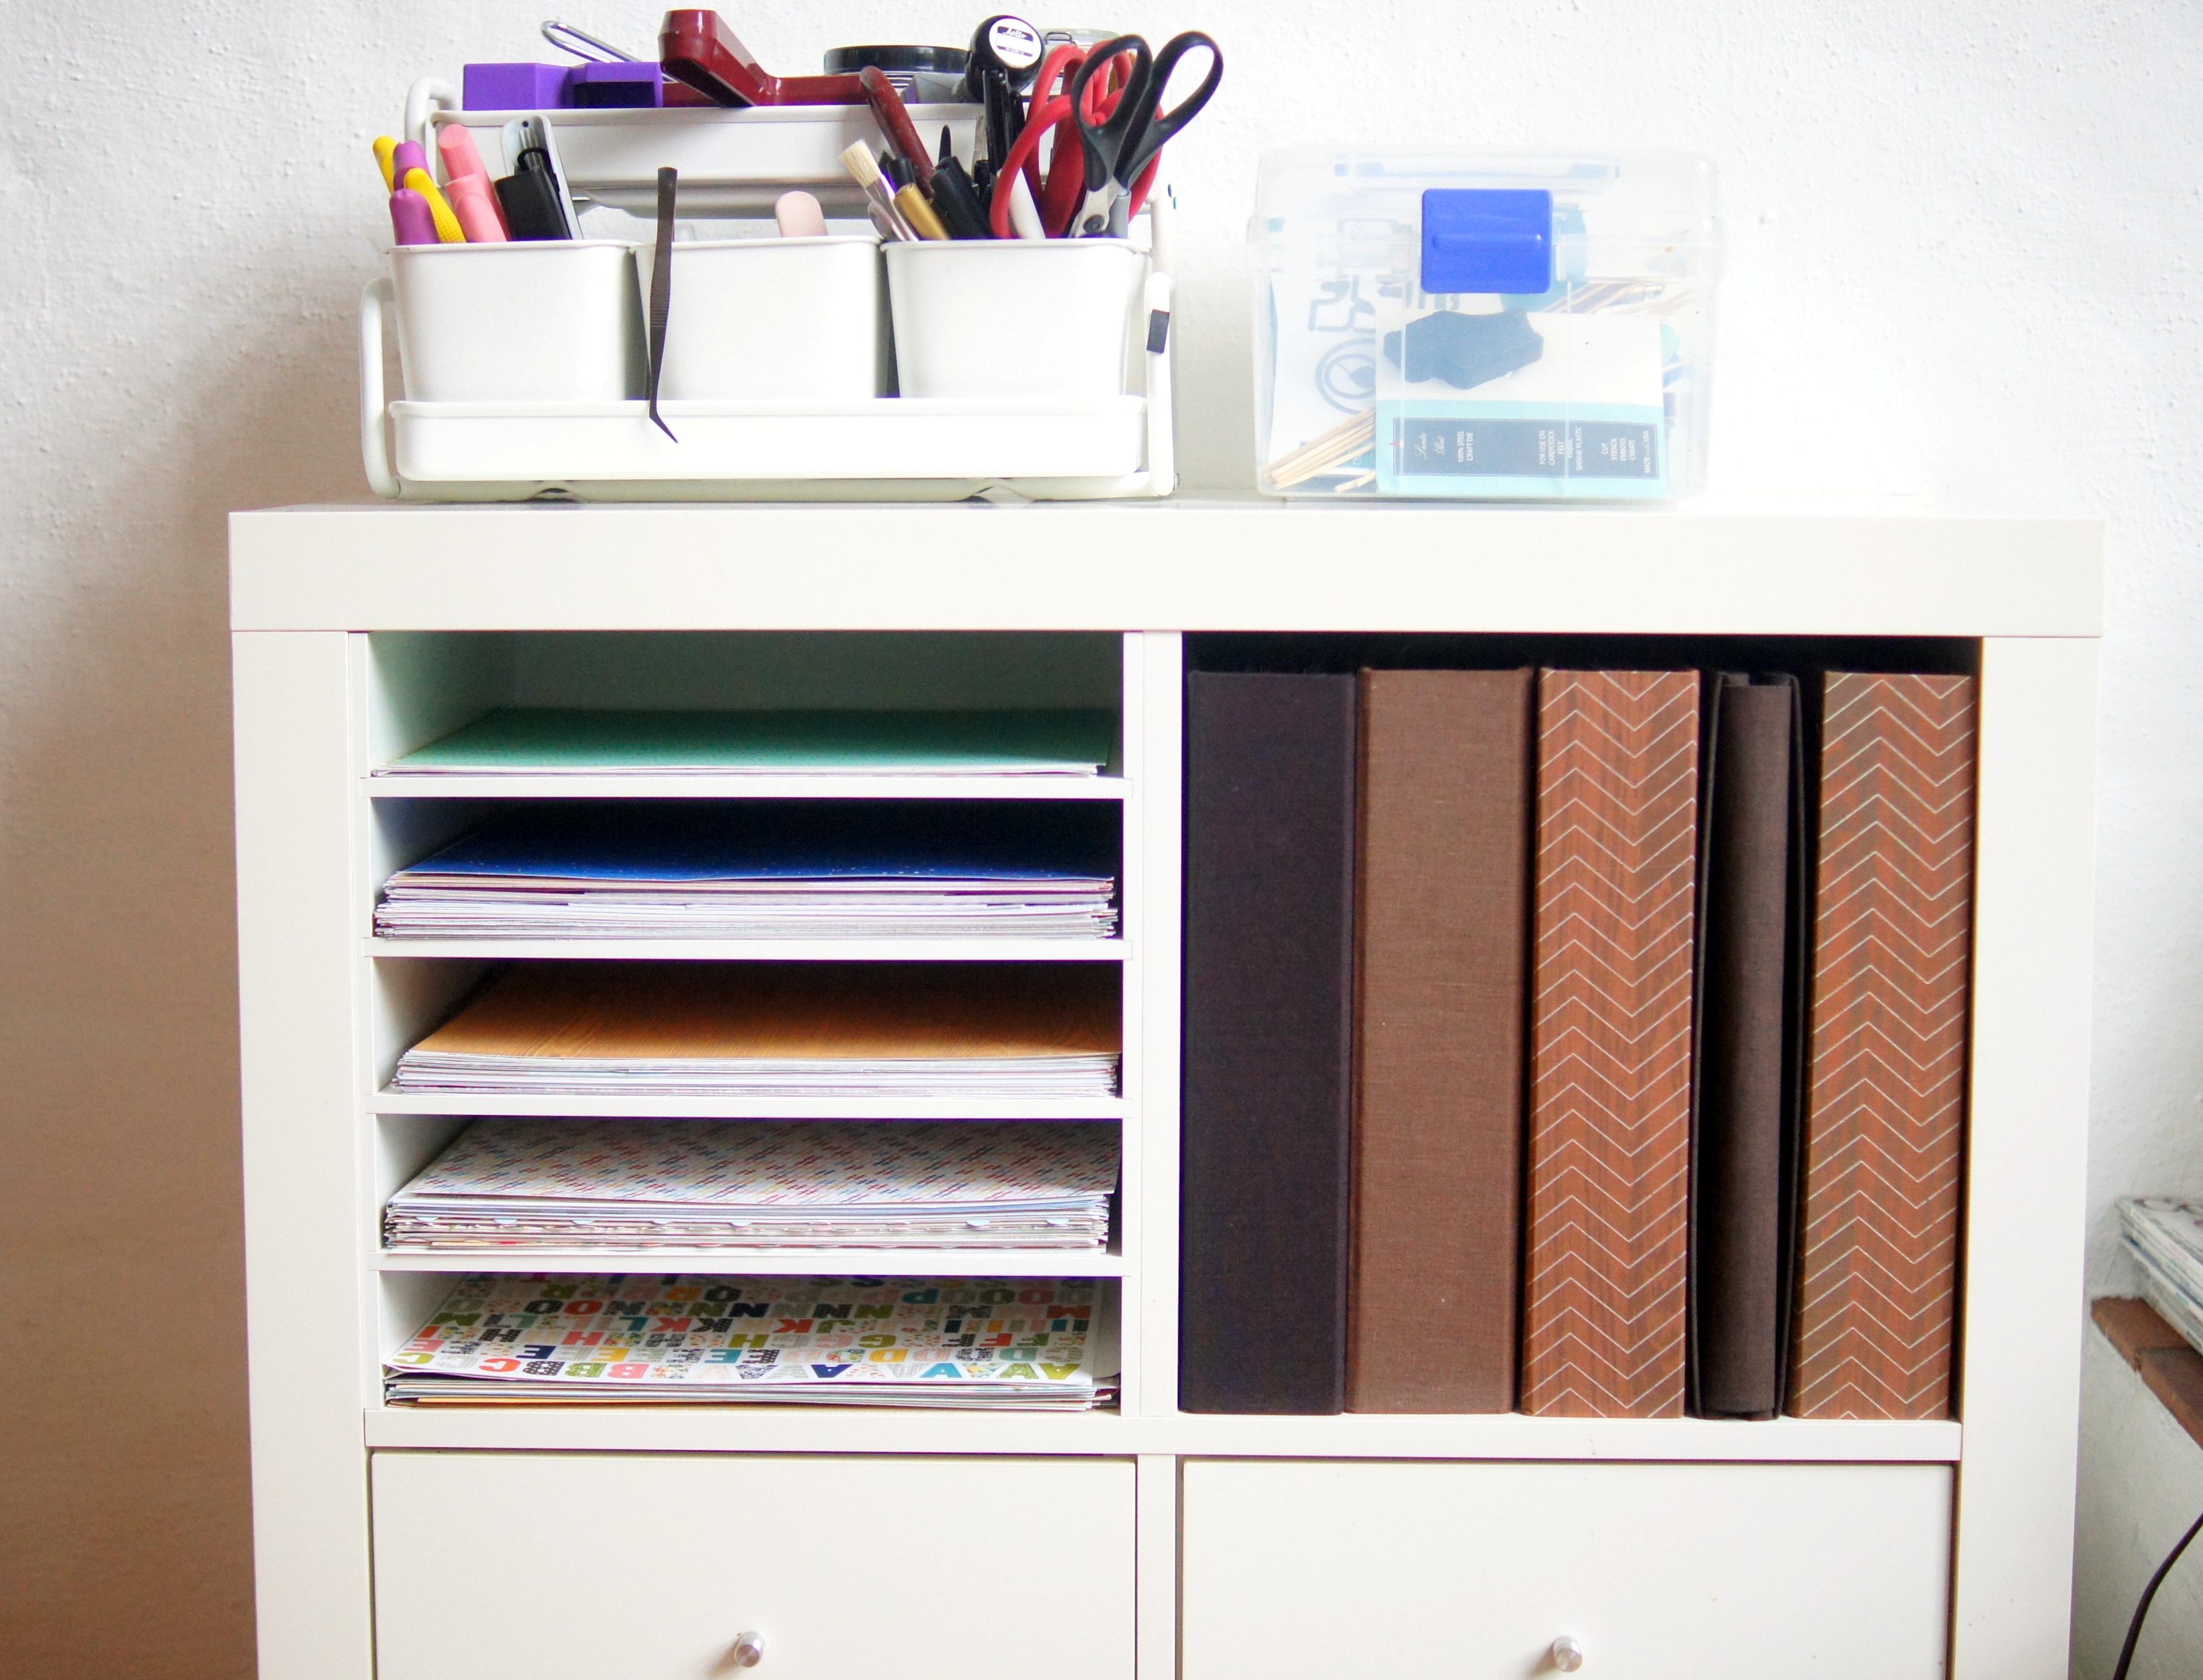 Papieraufbewahrung Für Scrap Papier Von New Swedish Design Give